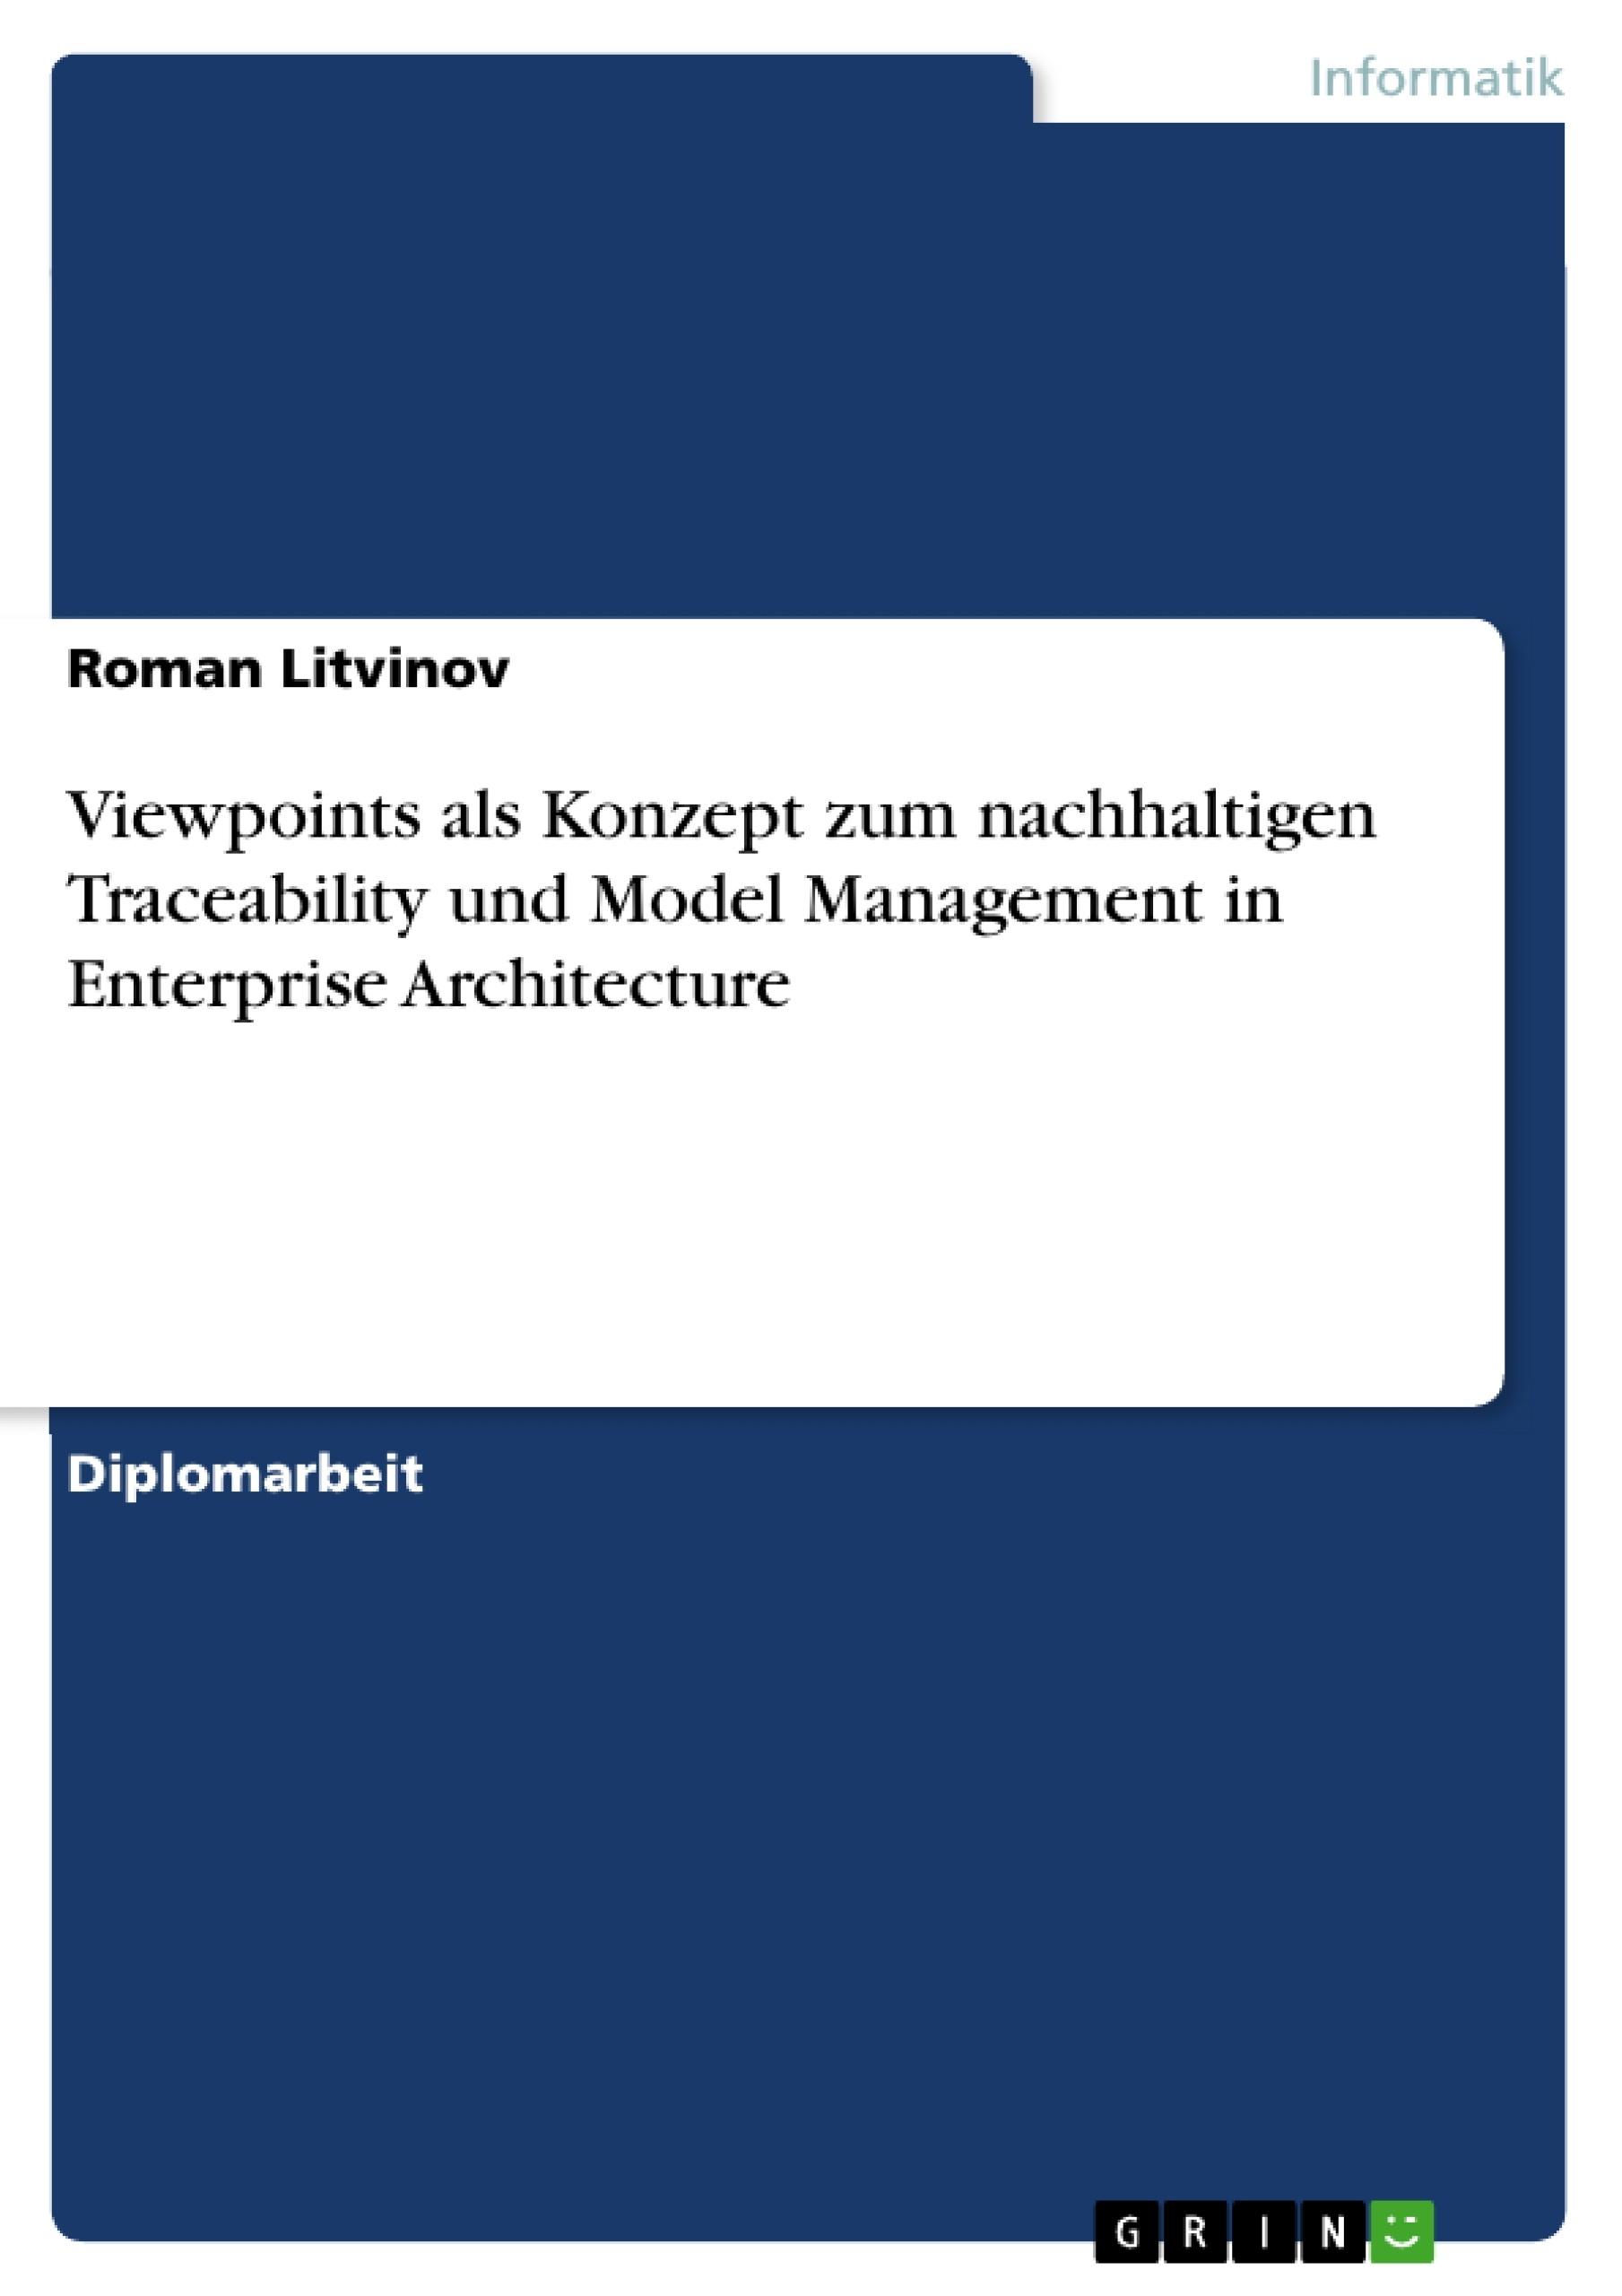 Viewpoints als Konzept zum nachhaltigen Traceability und Model ...